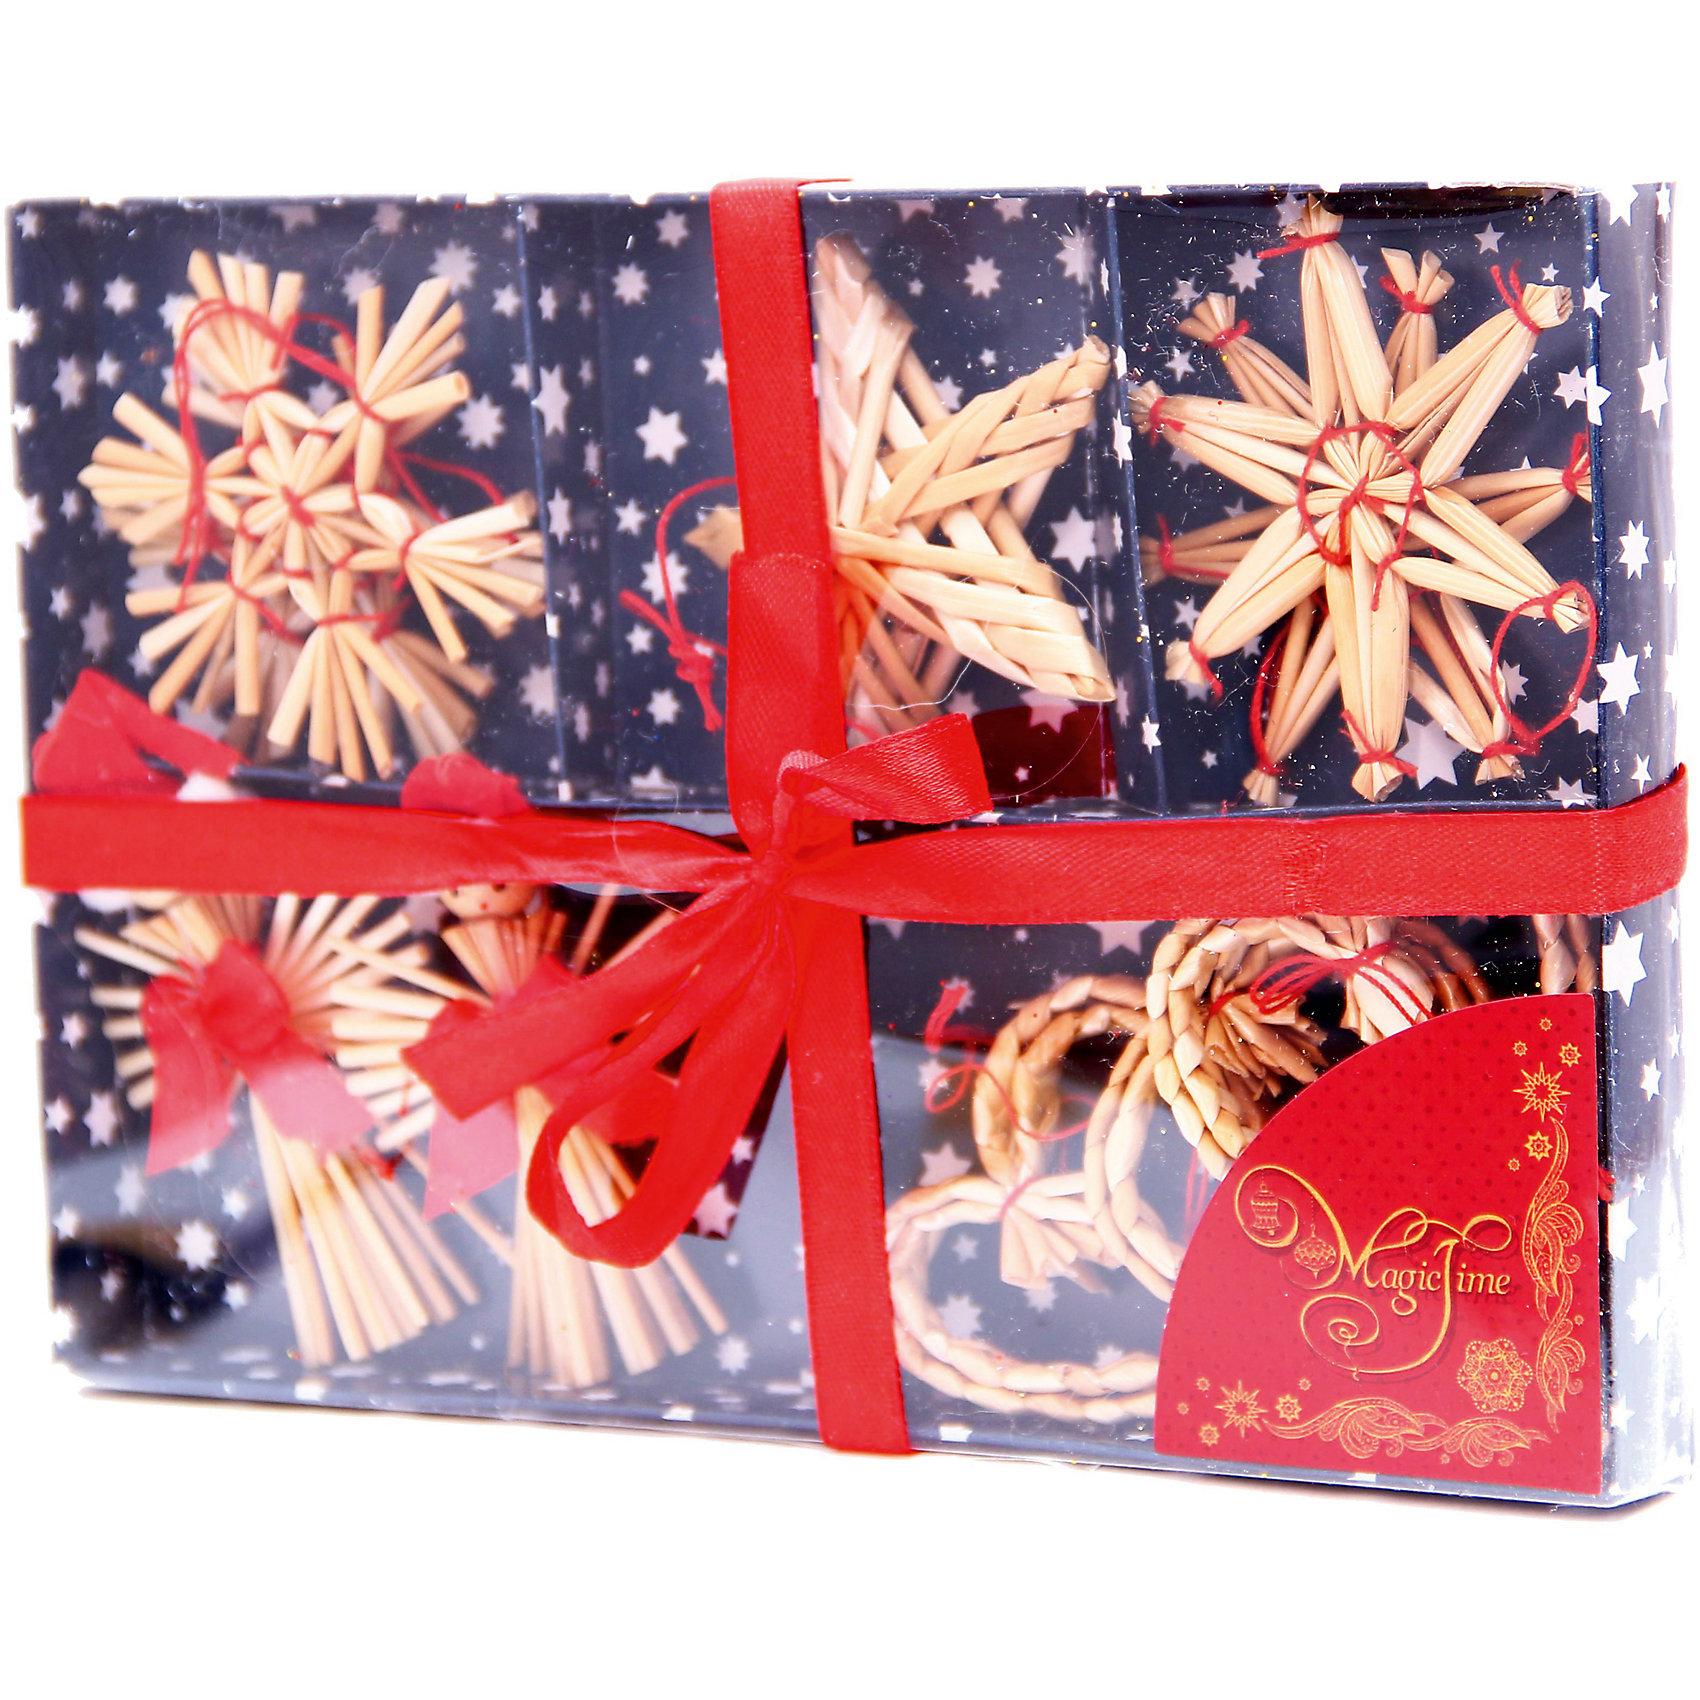 Украшение Ангелы 19*13*2 смУкрашение Ангелы, Феникс-Презент, замечательно украсит Вашу елку или интерьер на новогодние и рождественские праздники и создаст праздничную волшебную атмосферу. В комплекте 10 украшений из соломки в виде фигурок ангелов, сердечек и звездочек. Поверхность игрушек покрыта лаком, имеются петельки, за которые их можно повесить в любом понравившемся Вам месте.<br><br>Дополнительная информация:<br><br>- В комплекте: 10 шт.<br>- Материал: соломка.<br>- Размер украшения: 6 см.<br>- Размер упаковки: 19 х 13 х 2 см.<br><br>Украшение Ангелы, Феникс-Презент, можно купить в нашем интернет-магазине.<br><br>Ширина мм: 200<br>Глубина мм: 140<br>Высота мм: 30<br>Вес г: 100<br>Возраст от месяцев: 36<br>Возраст до месяцев: 2147483647<br>Пол: Унисекс<br>Возраст: Детский<br>SKU: 4276490